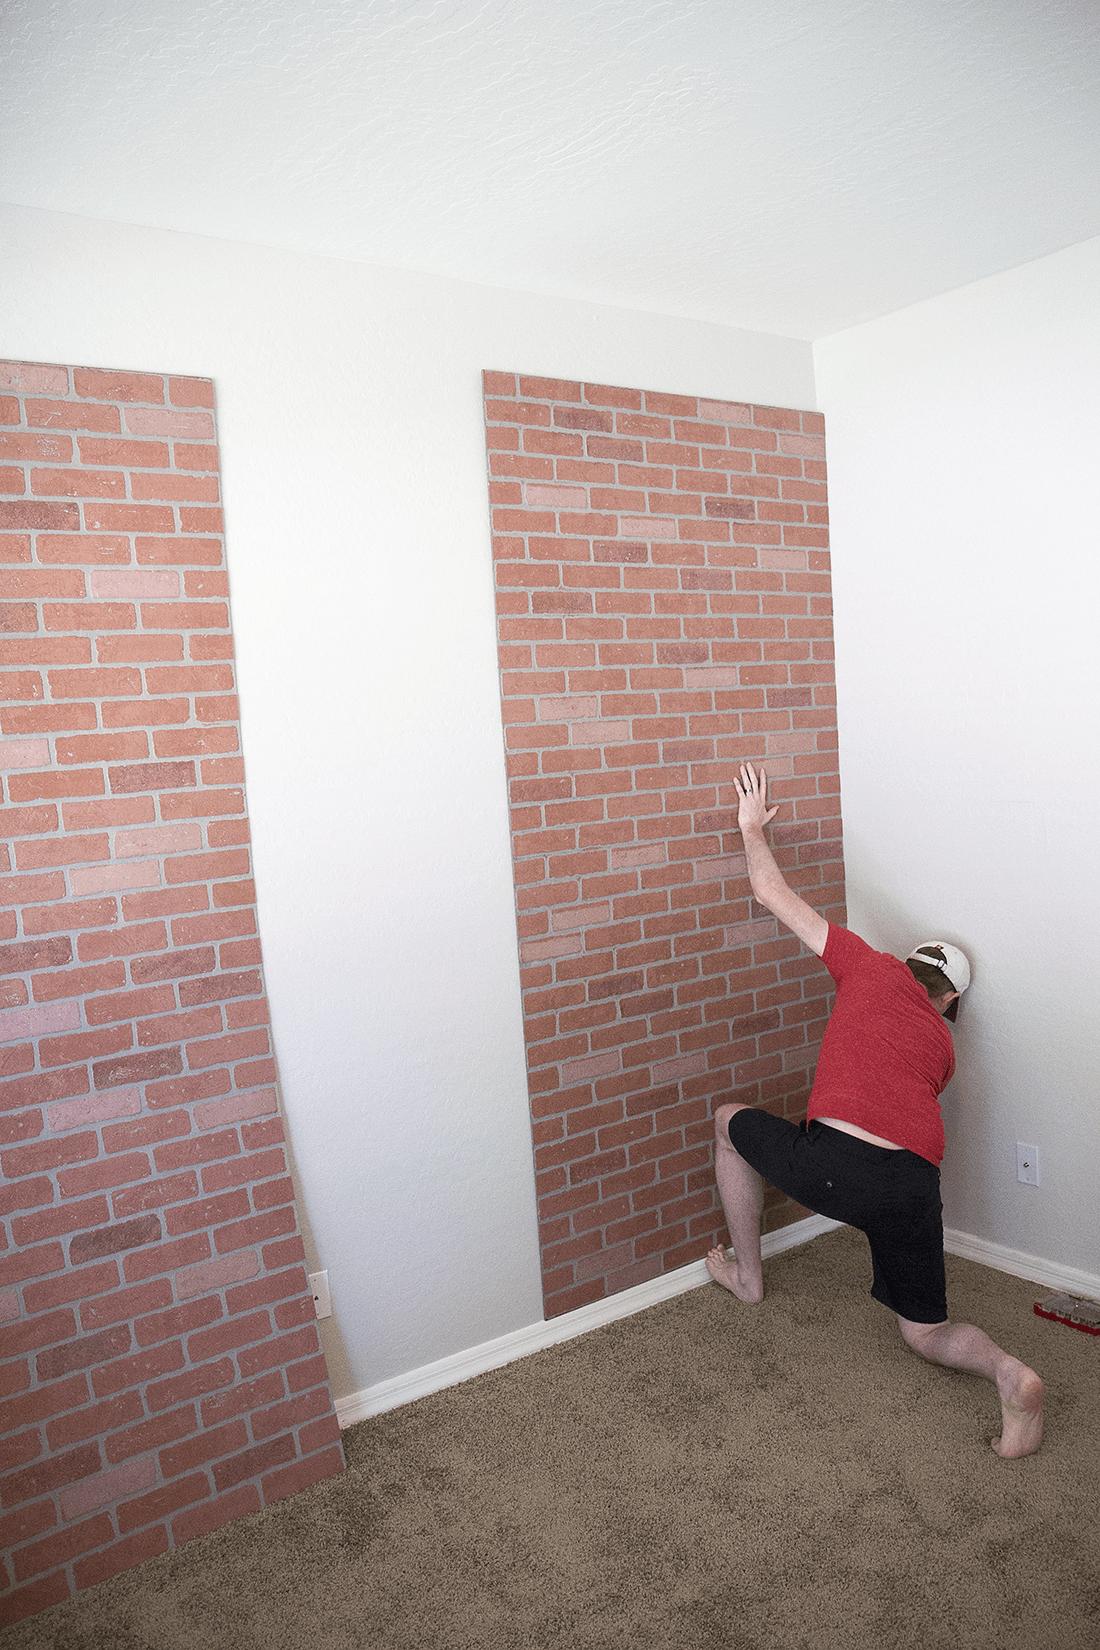 Diy Faux Brick Wall Easy Faux Brick Wall Using Brick